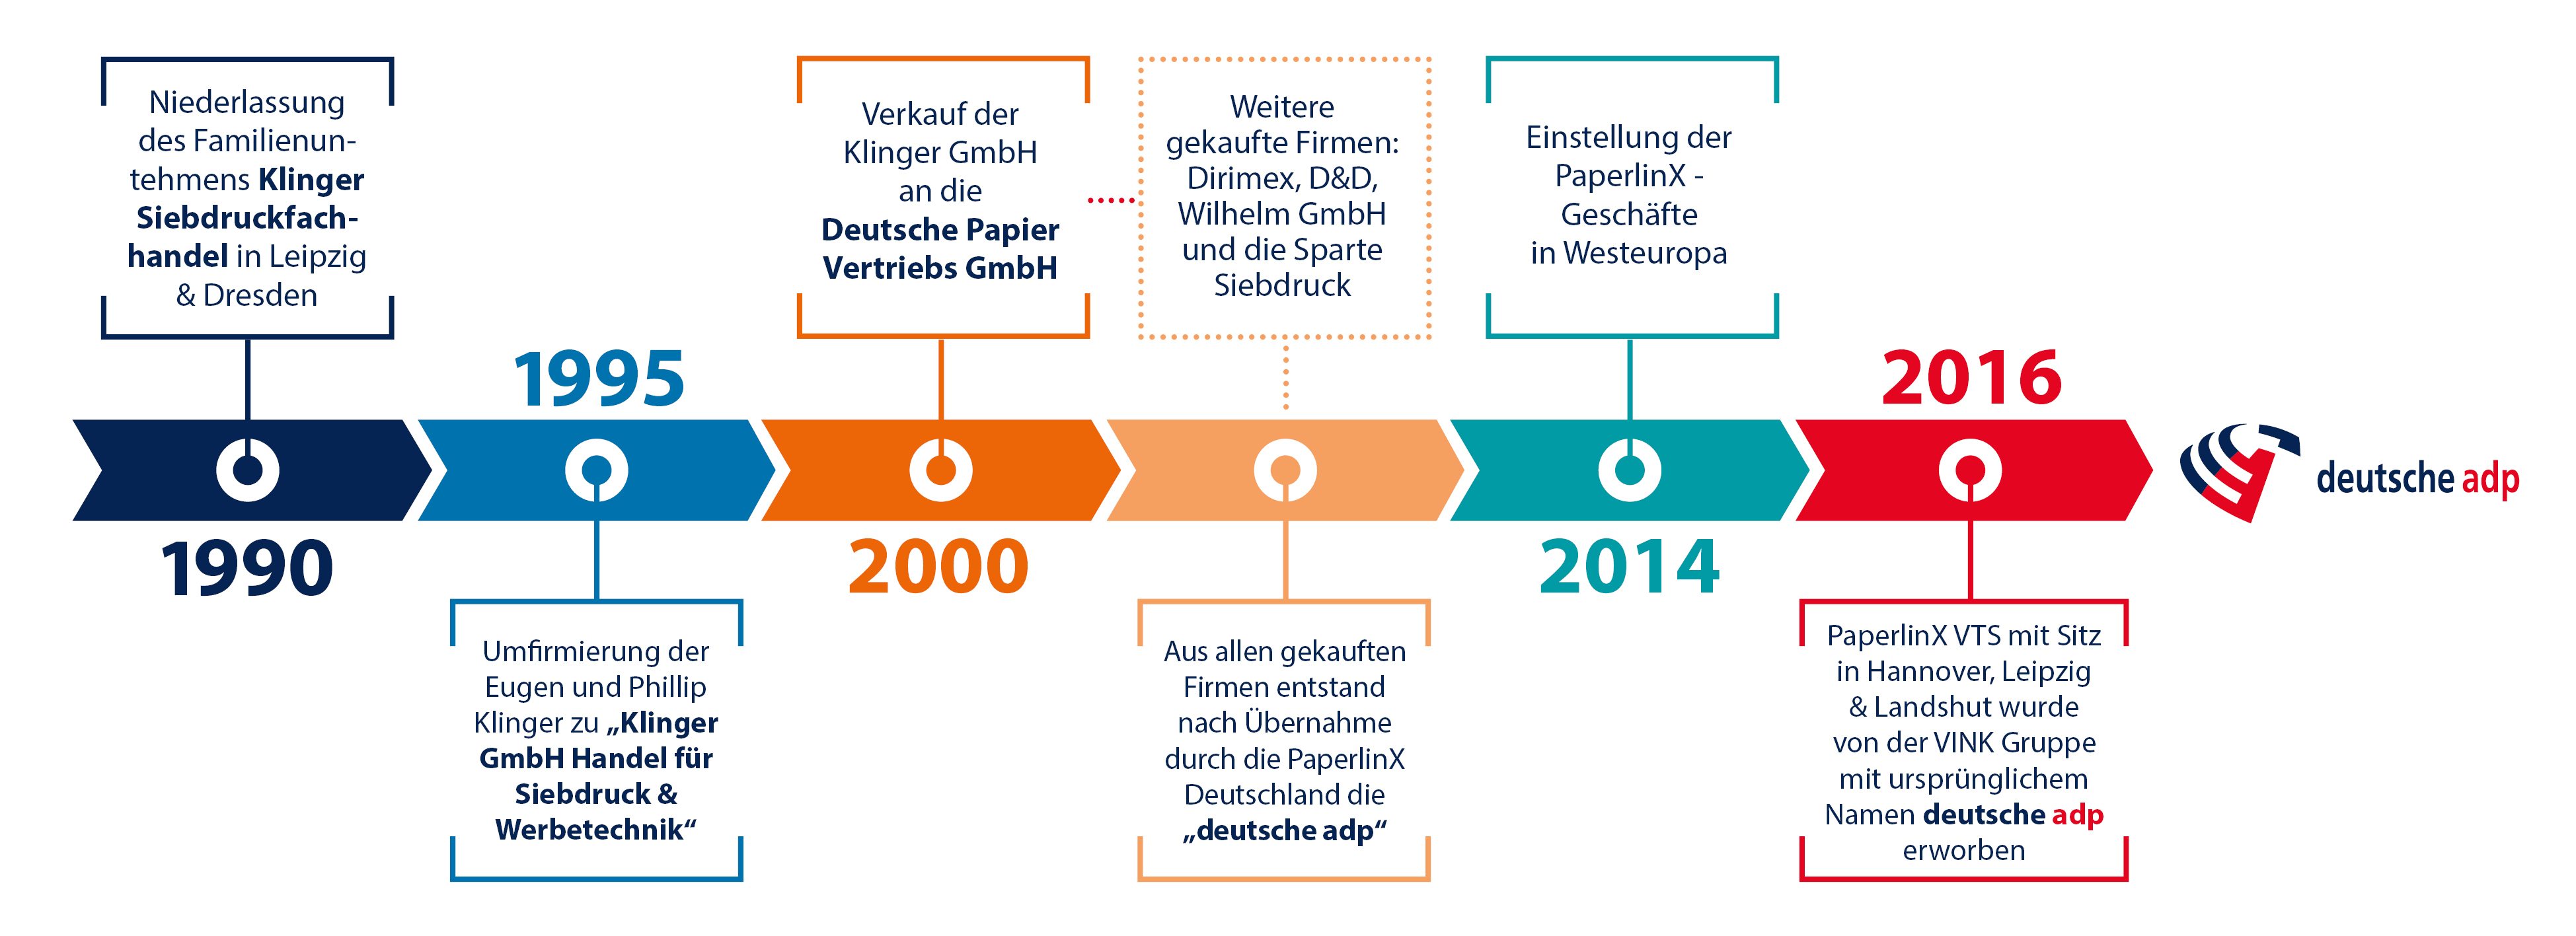 Timeline der deutschen adp von 1990 bis heute